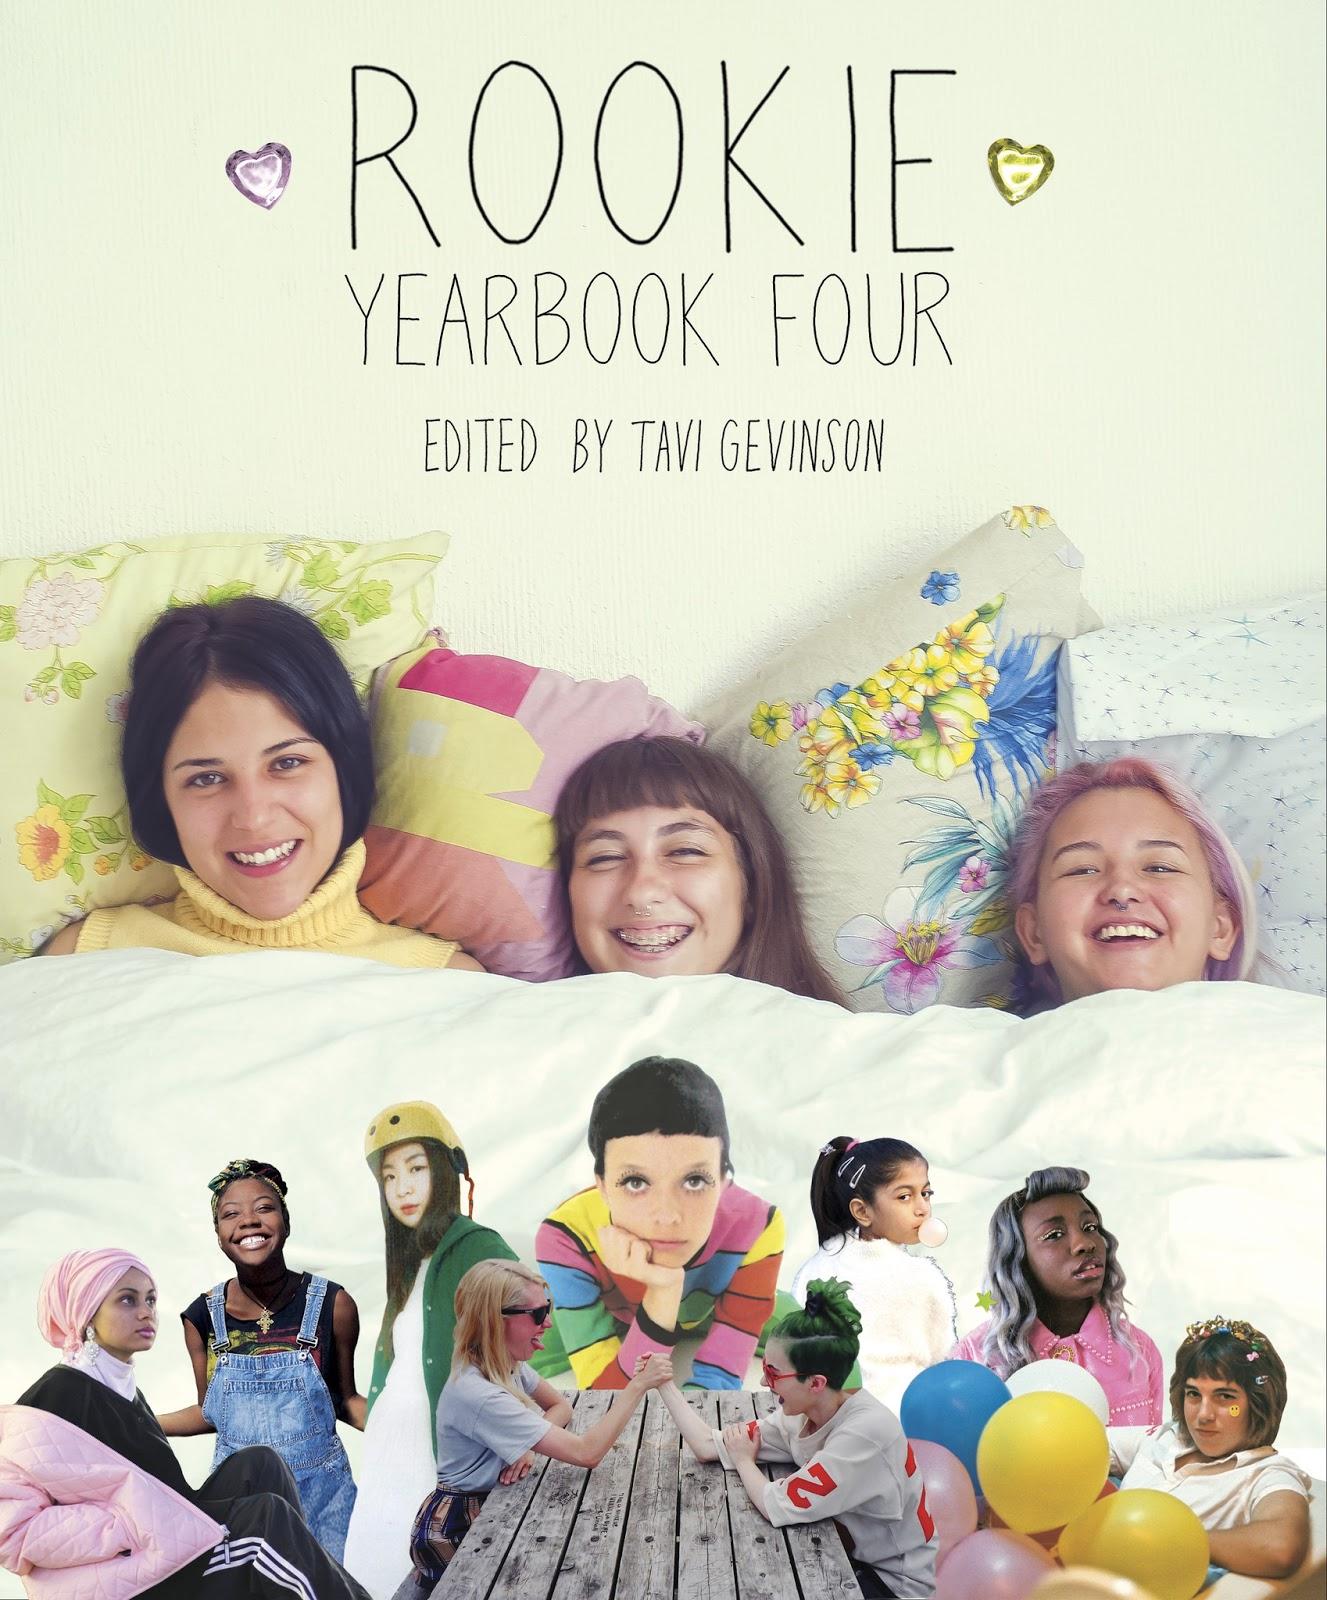 Rookie_Yearbook_Four_-_web.jpg